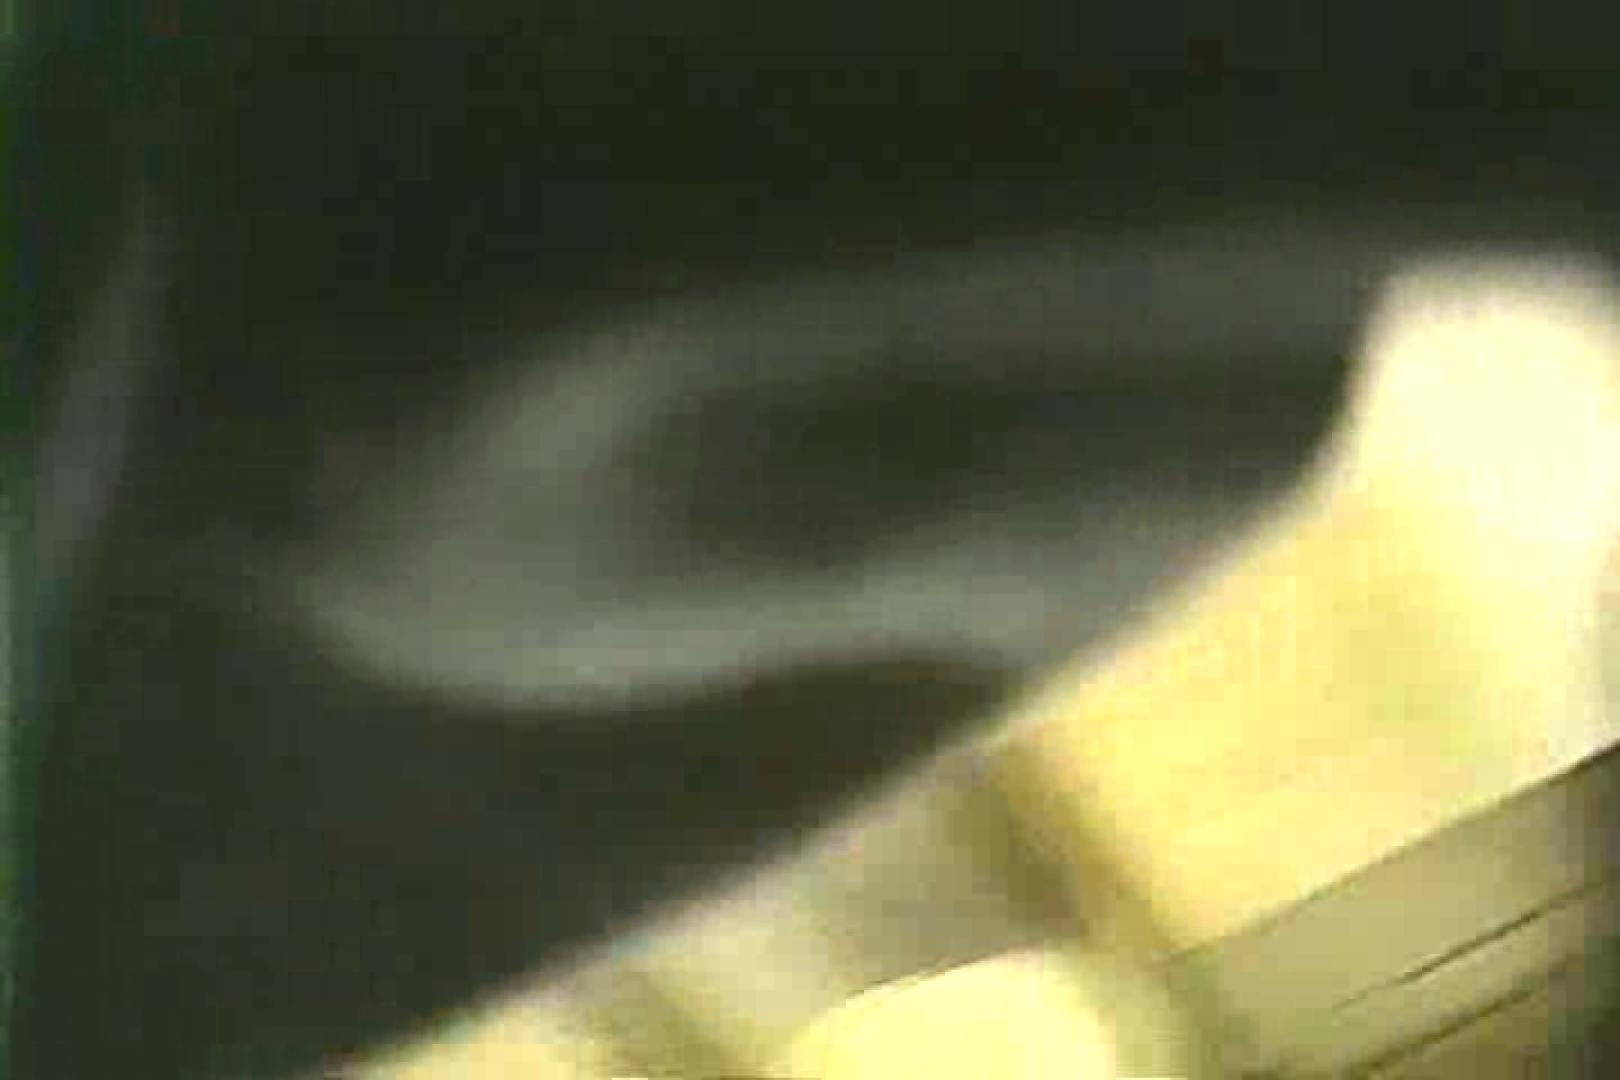 「ちくりん」さんのオリジナル未編集パンチラVol.9_02 チラ歓迎 | 新入生パンチラ  77pic 28